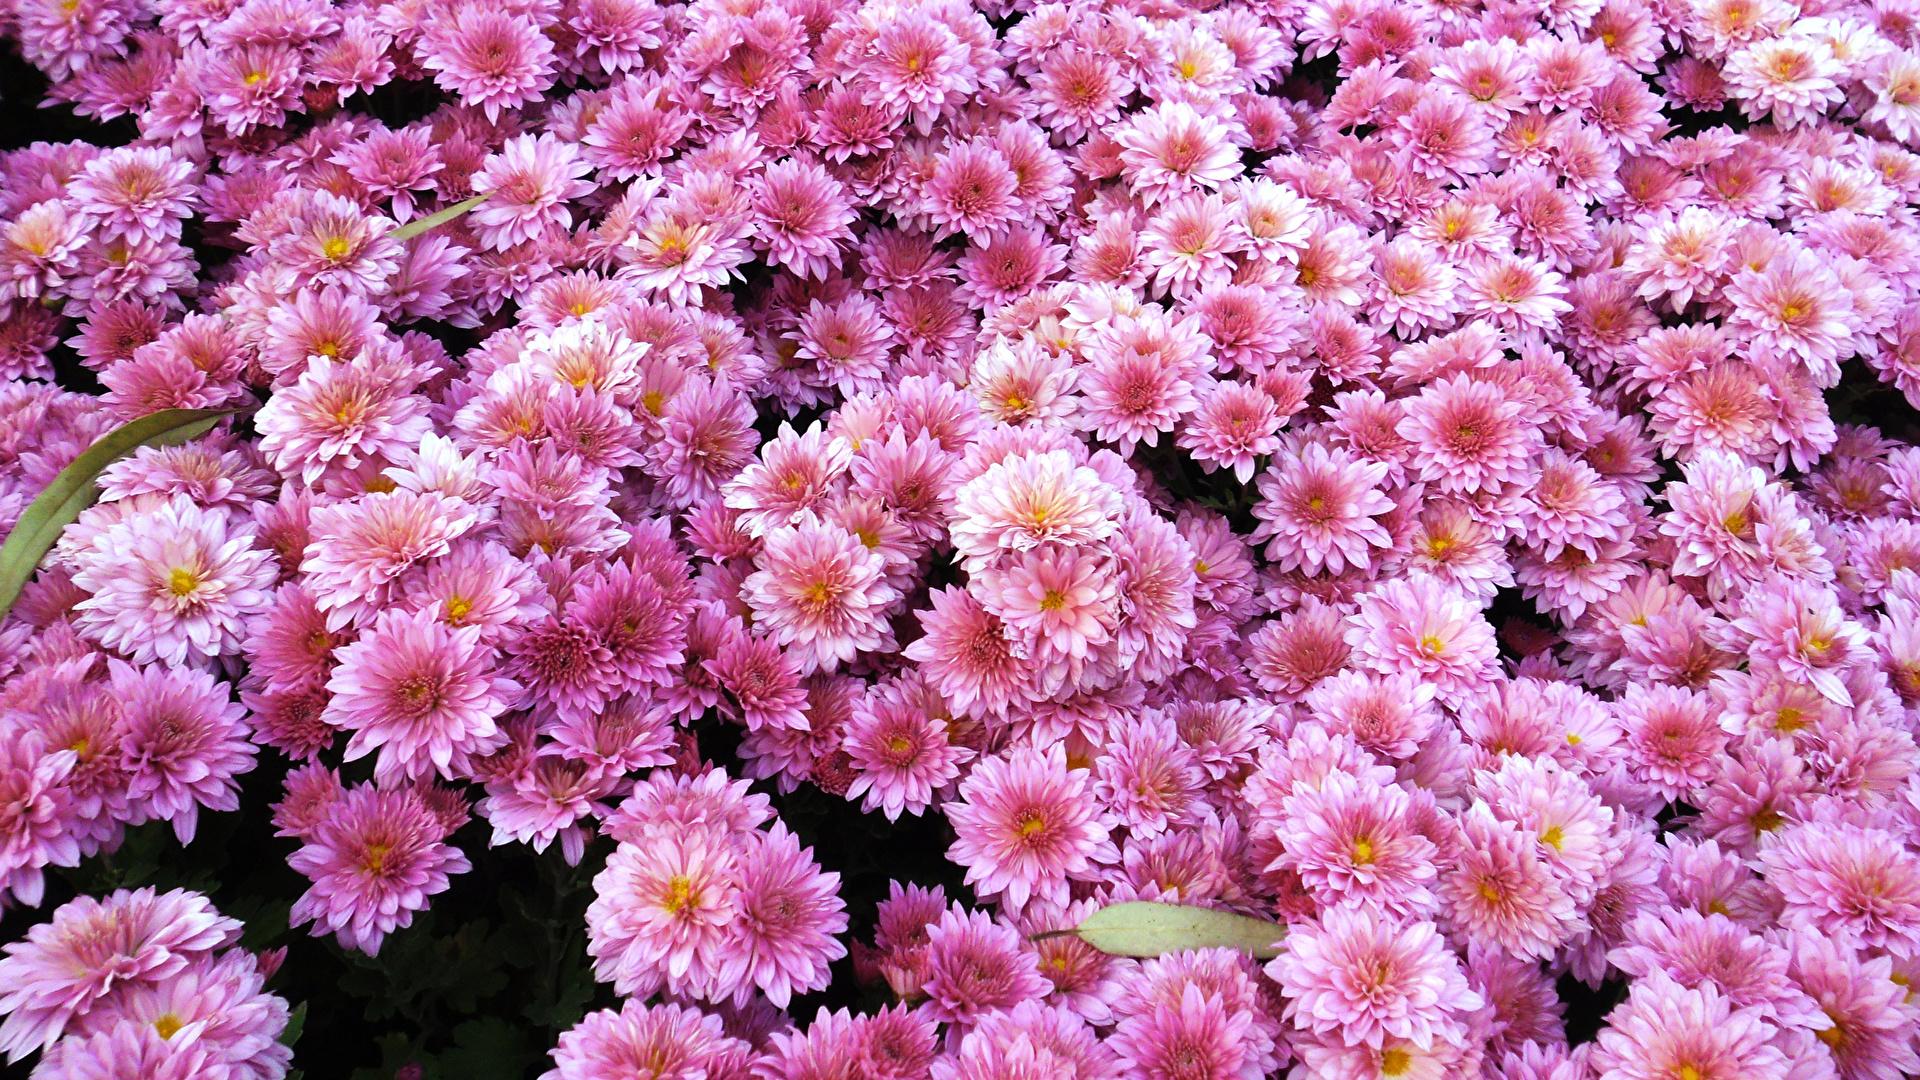 Обои на рабочий стол Цветы хризантемы   подборка (10)